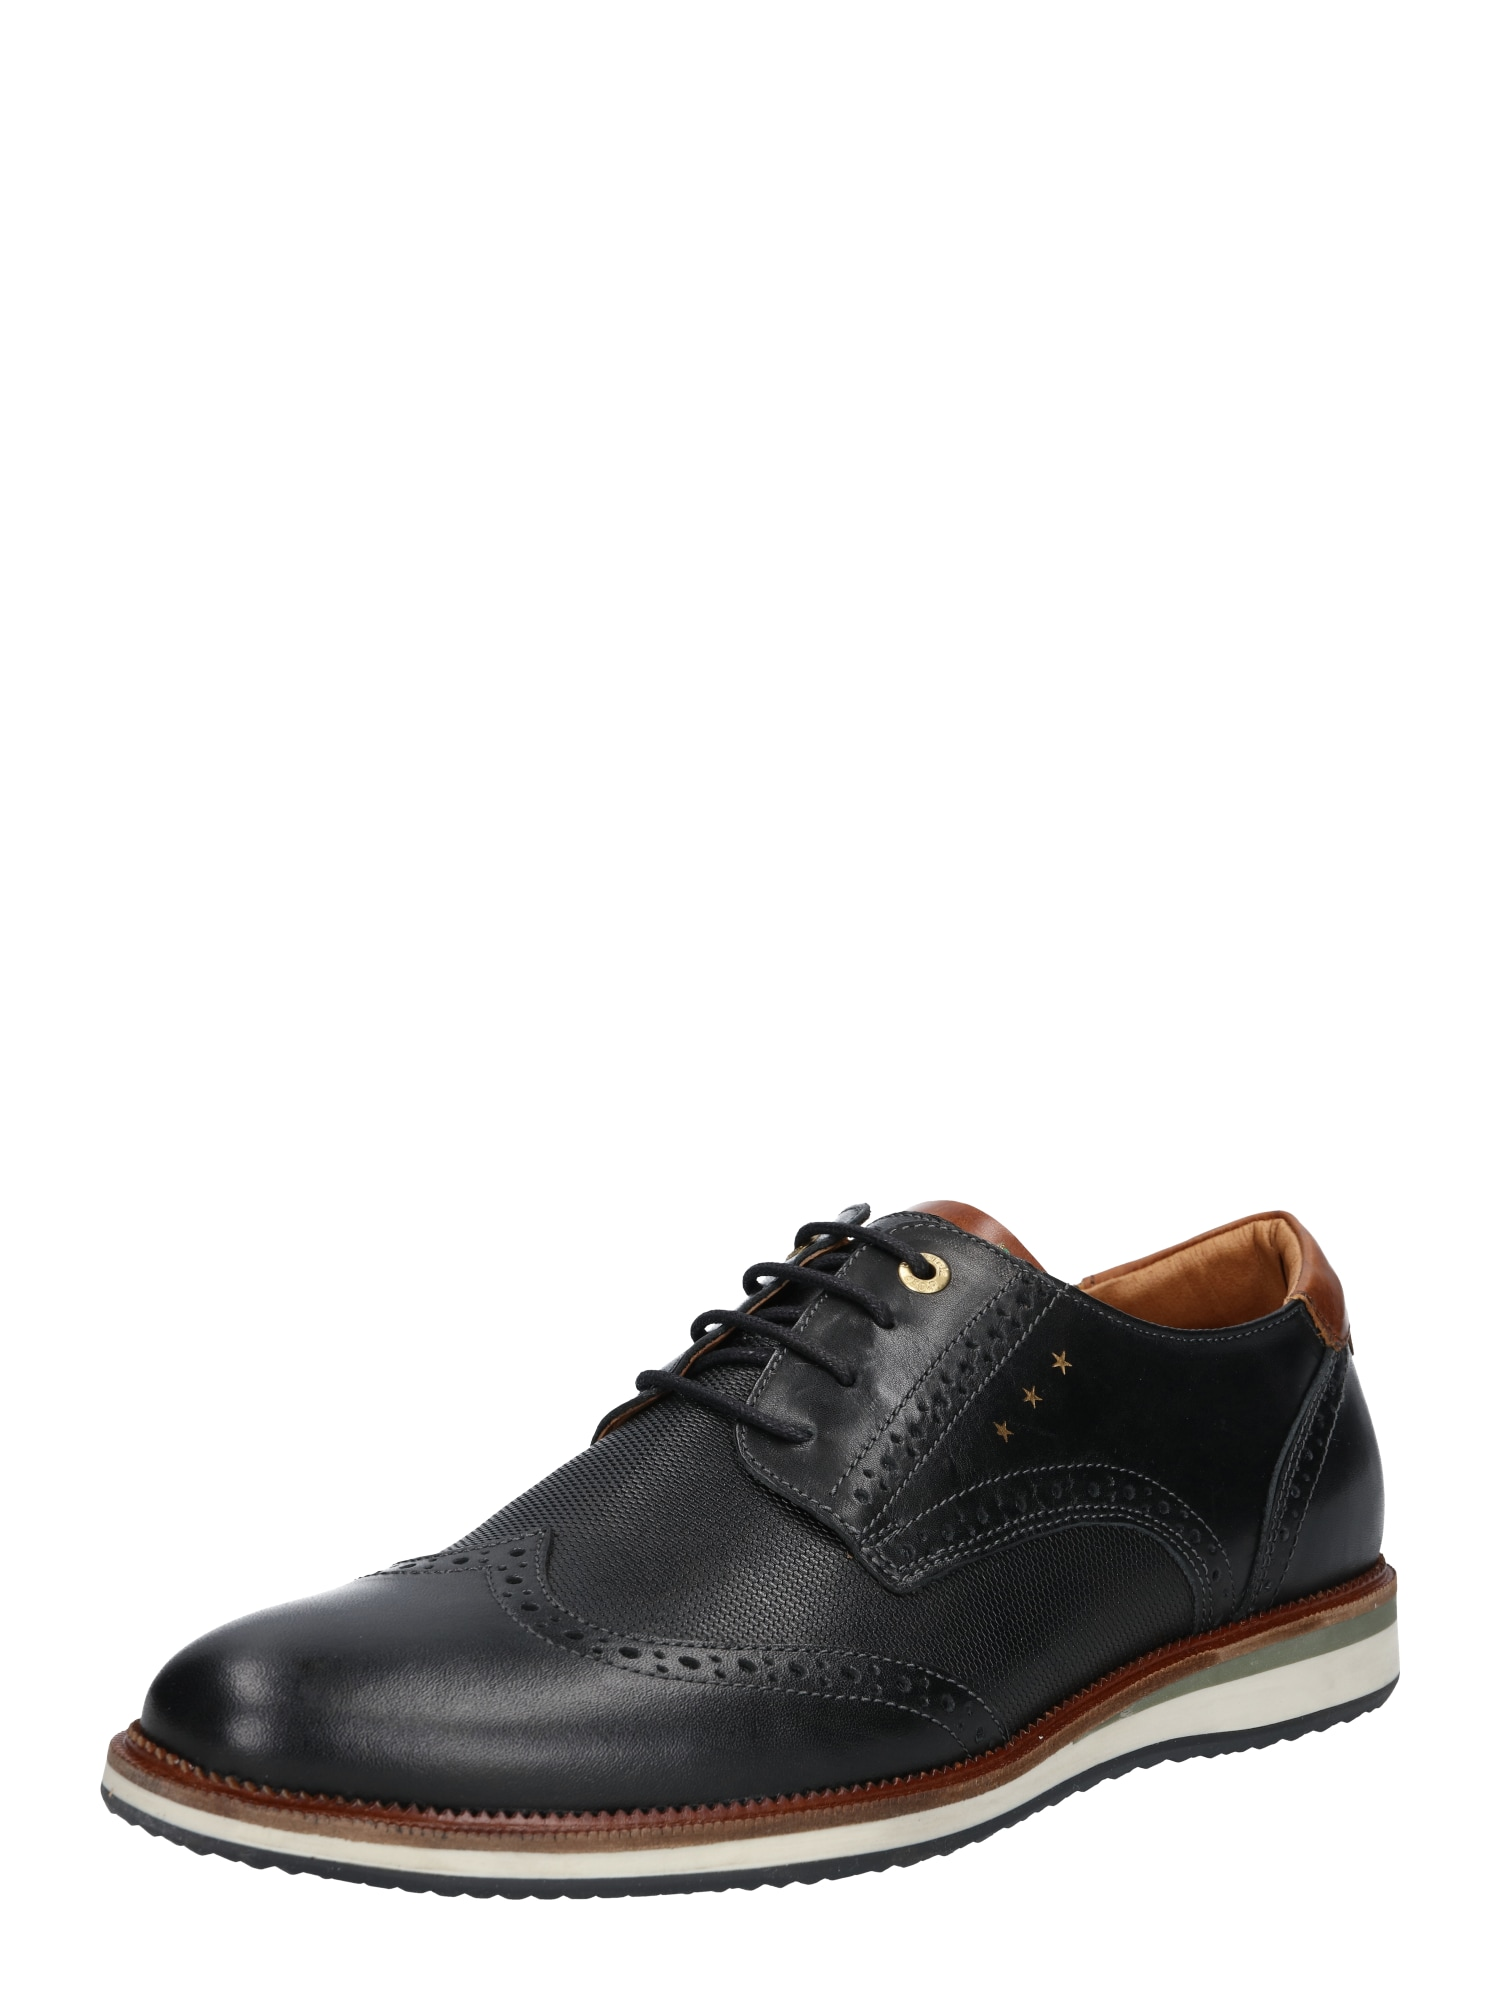 PANTOFOLA DORO Šněrovací boty béžová rezavě hnědá zlatá černá PANTOFOLA D'ORO